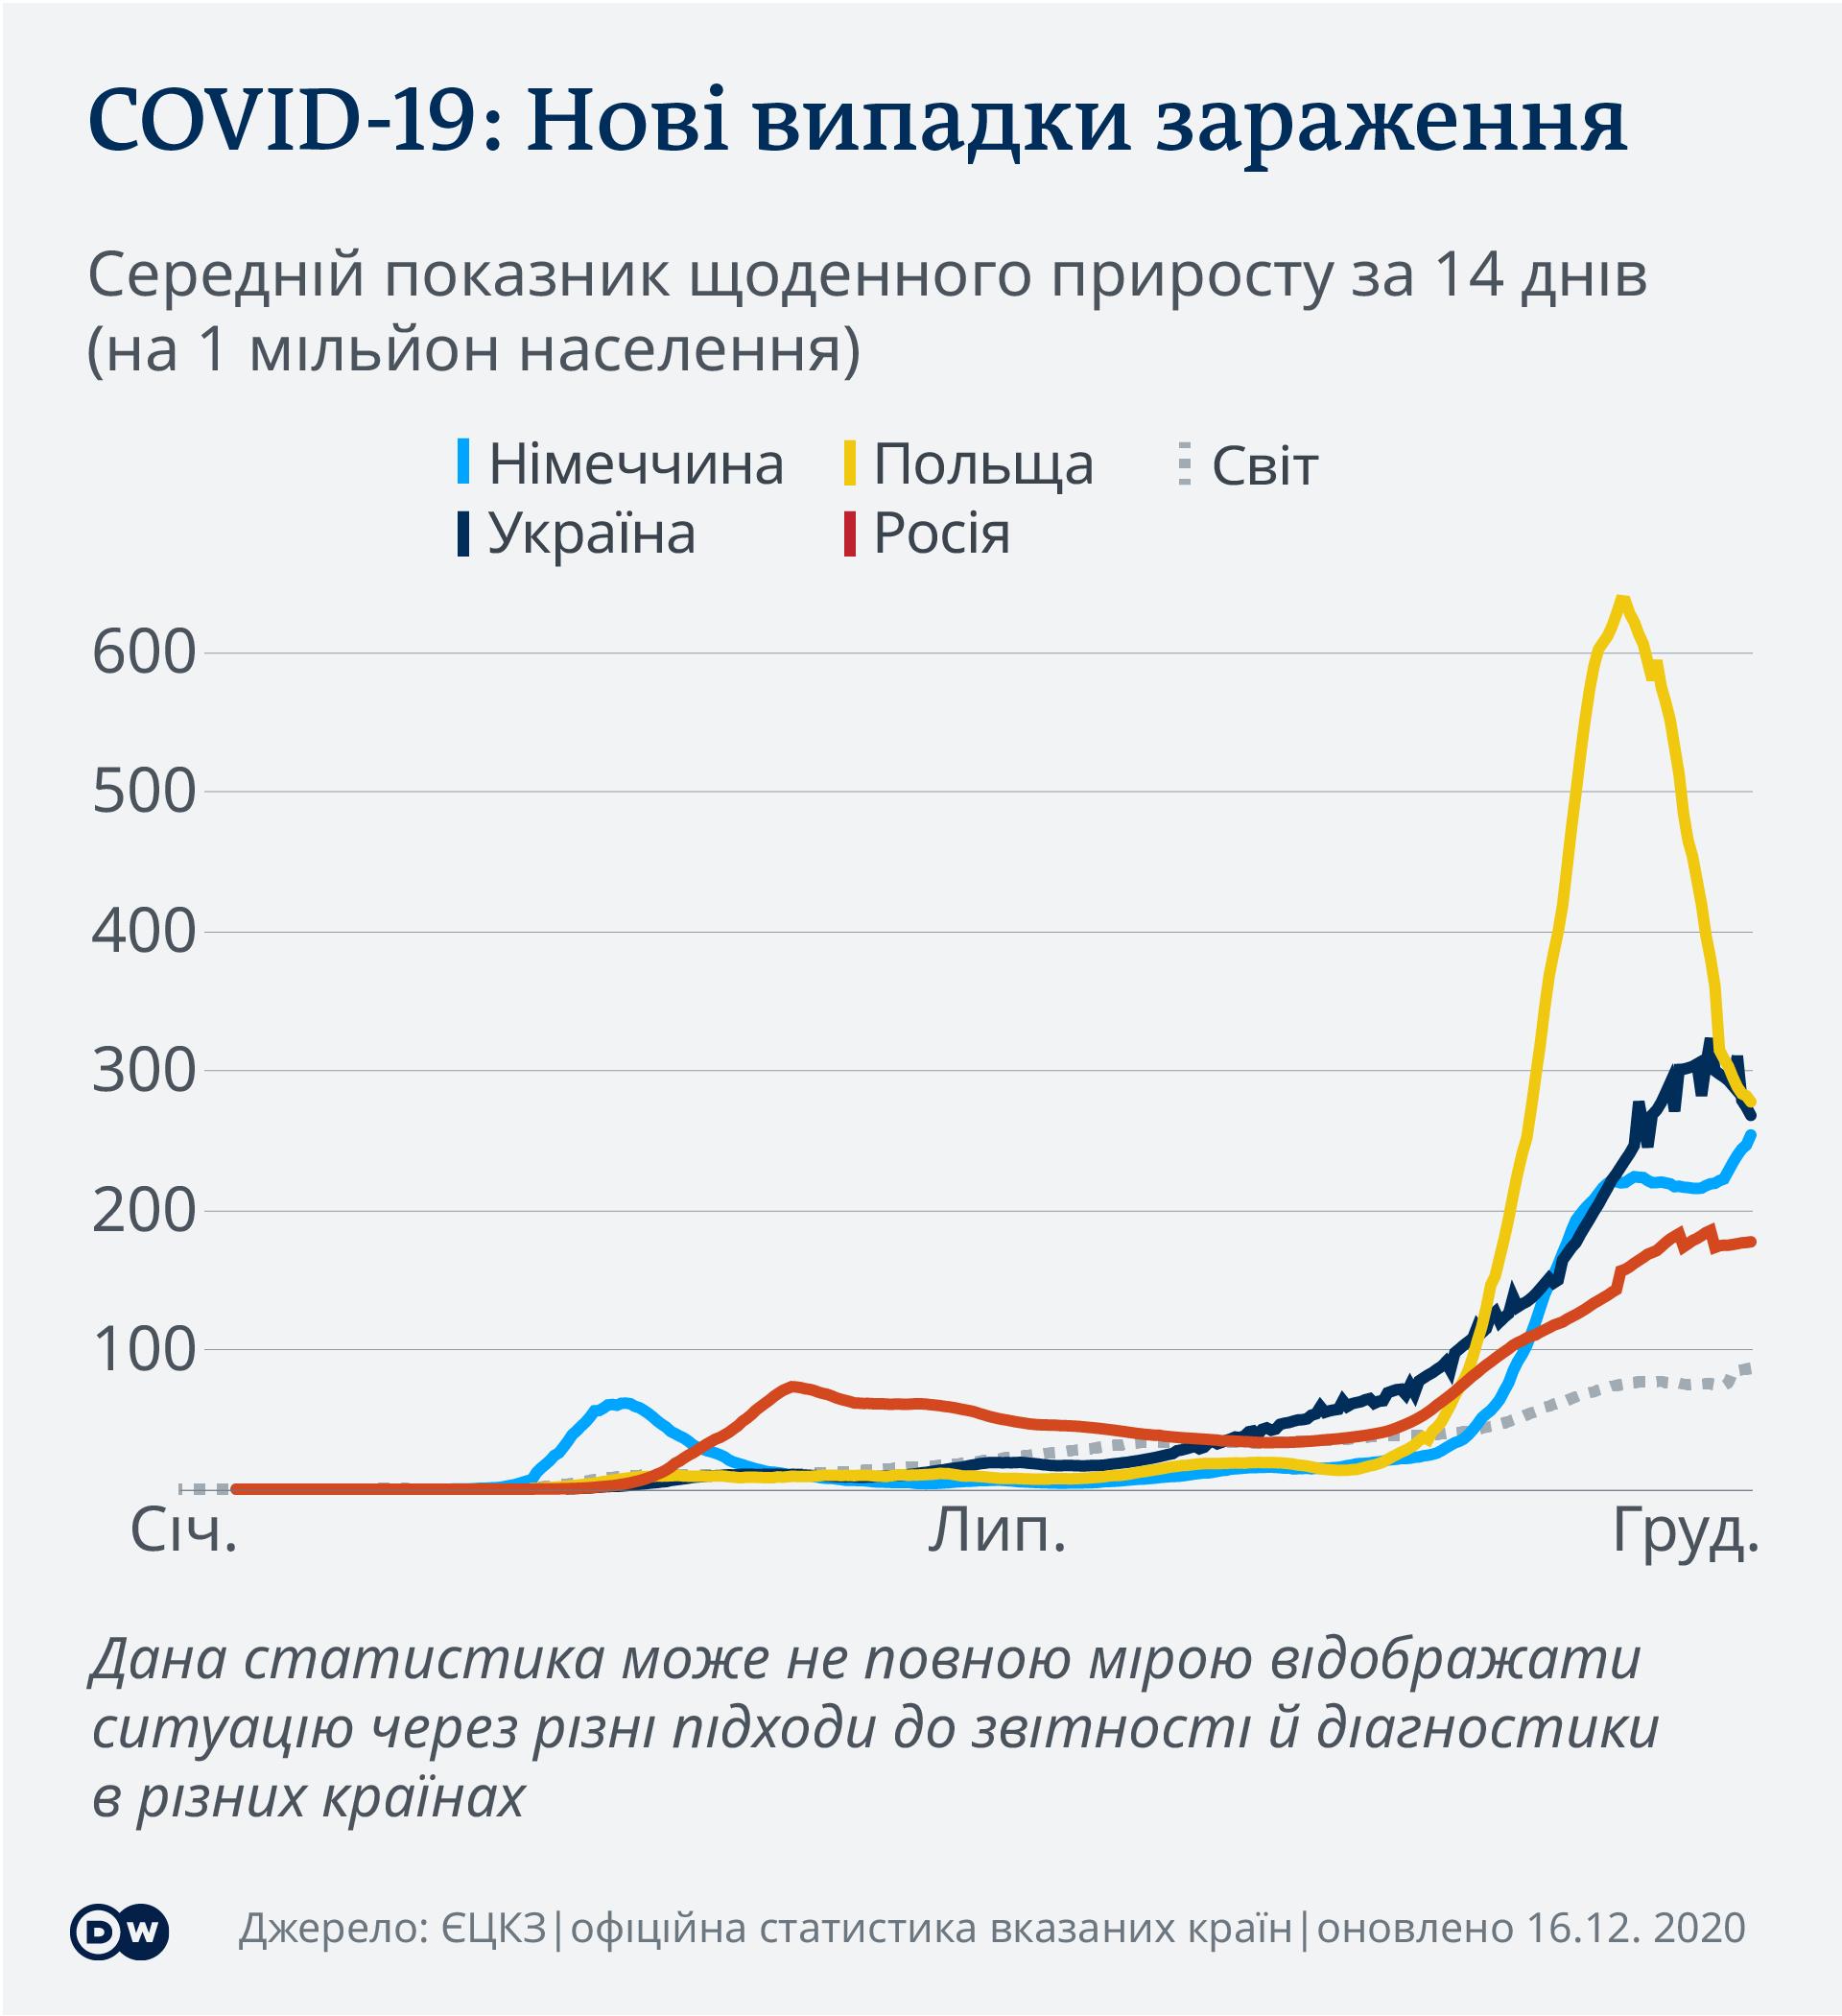 Коронавірус в Україні, Польщі, ФРН і Росії: динаміка зараження (інфографіка)